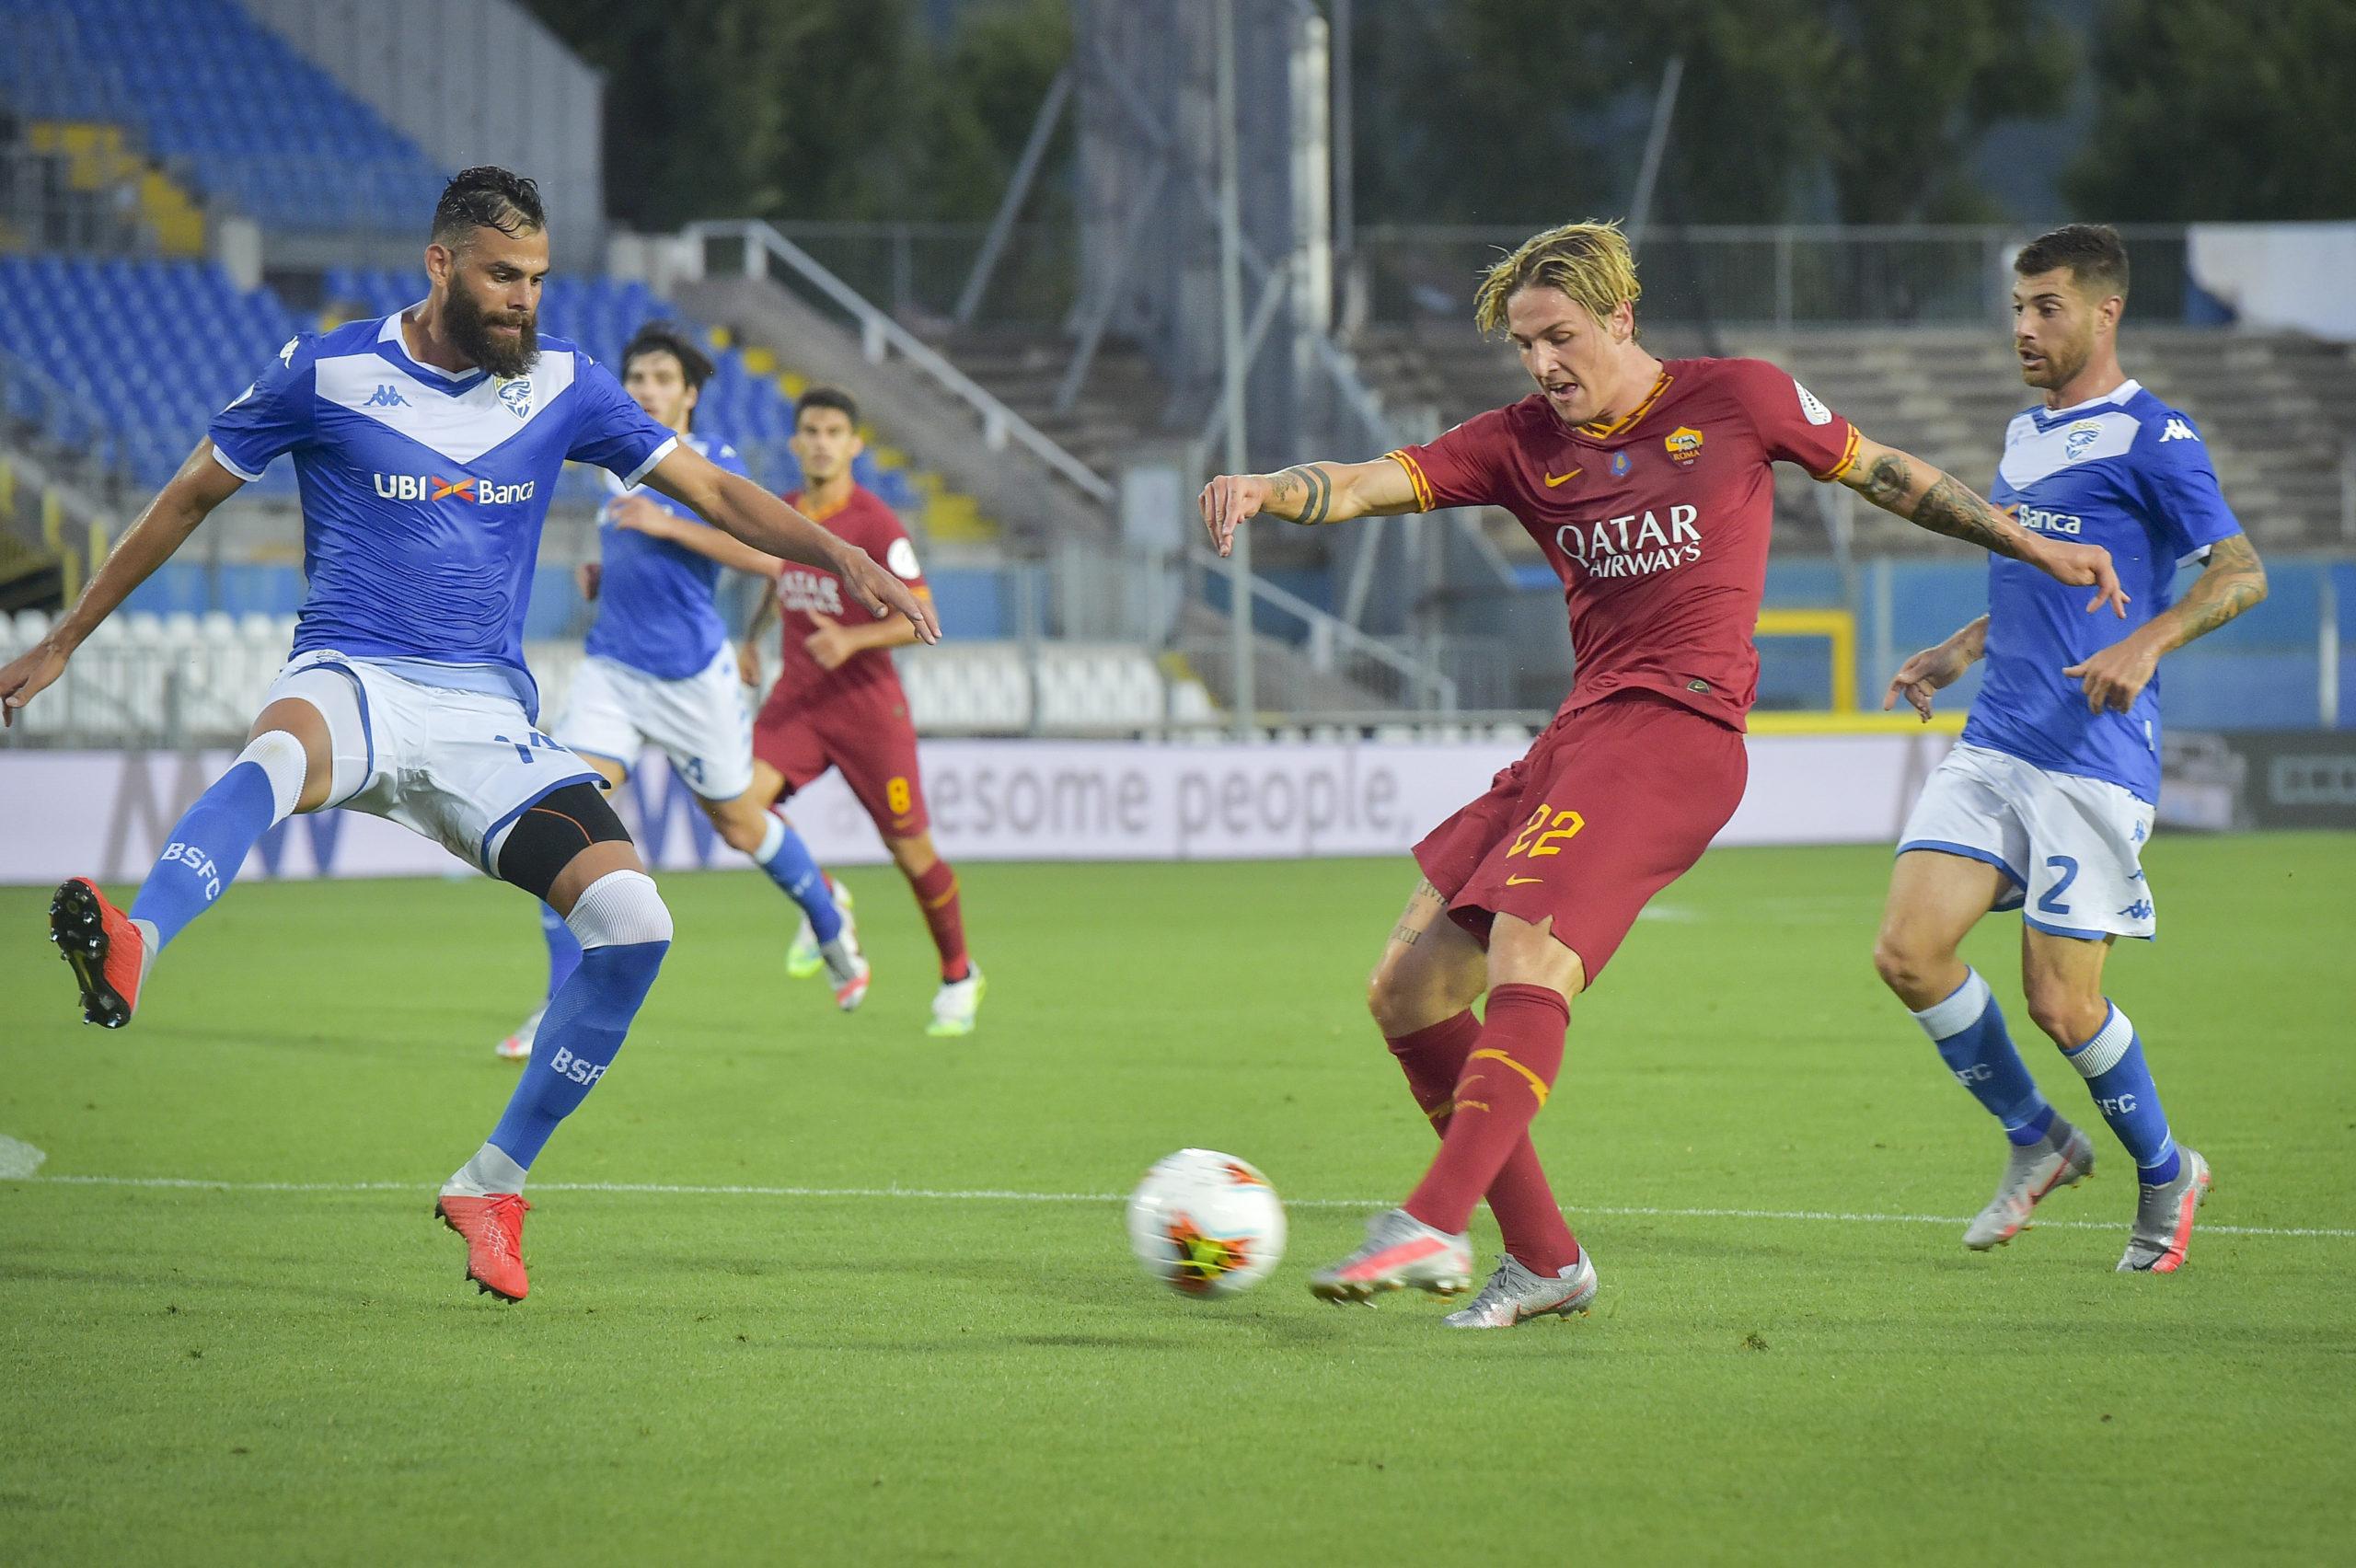 Brescia 0 – Roma 3 Luci e ombre